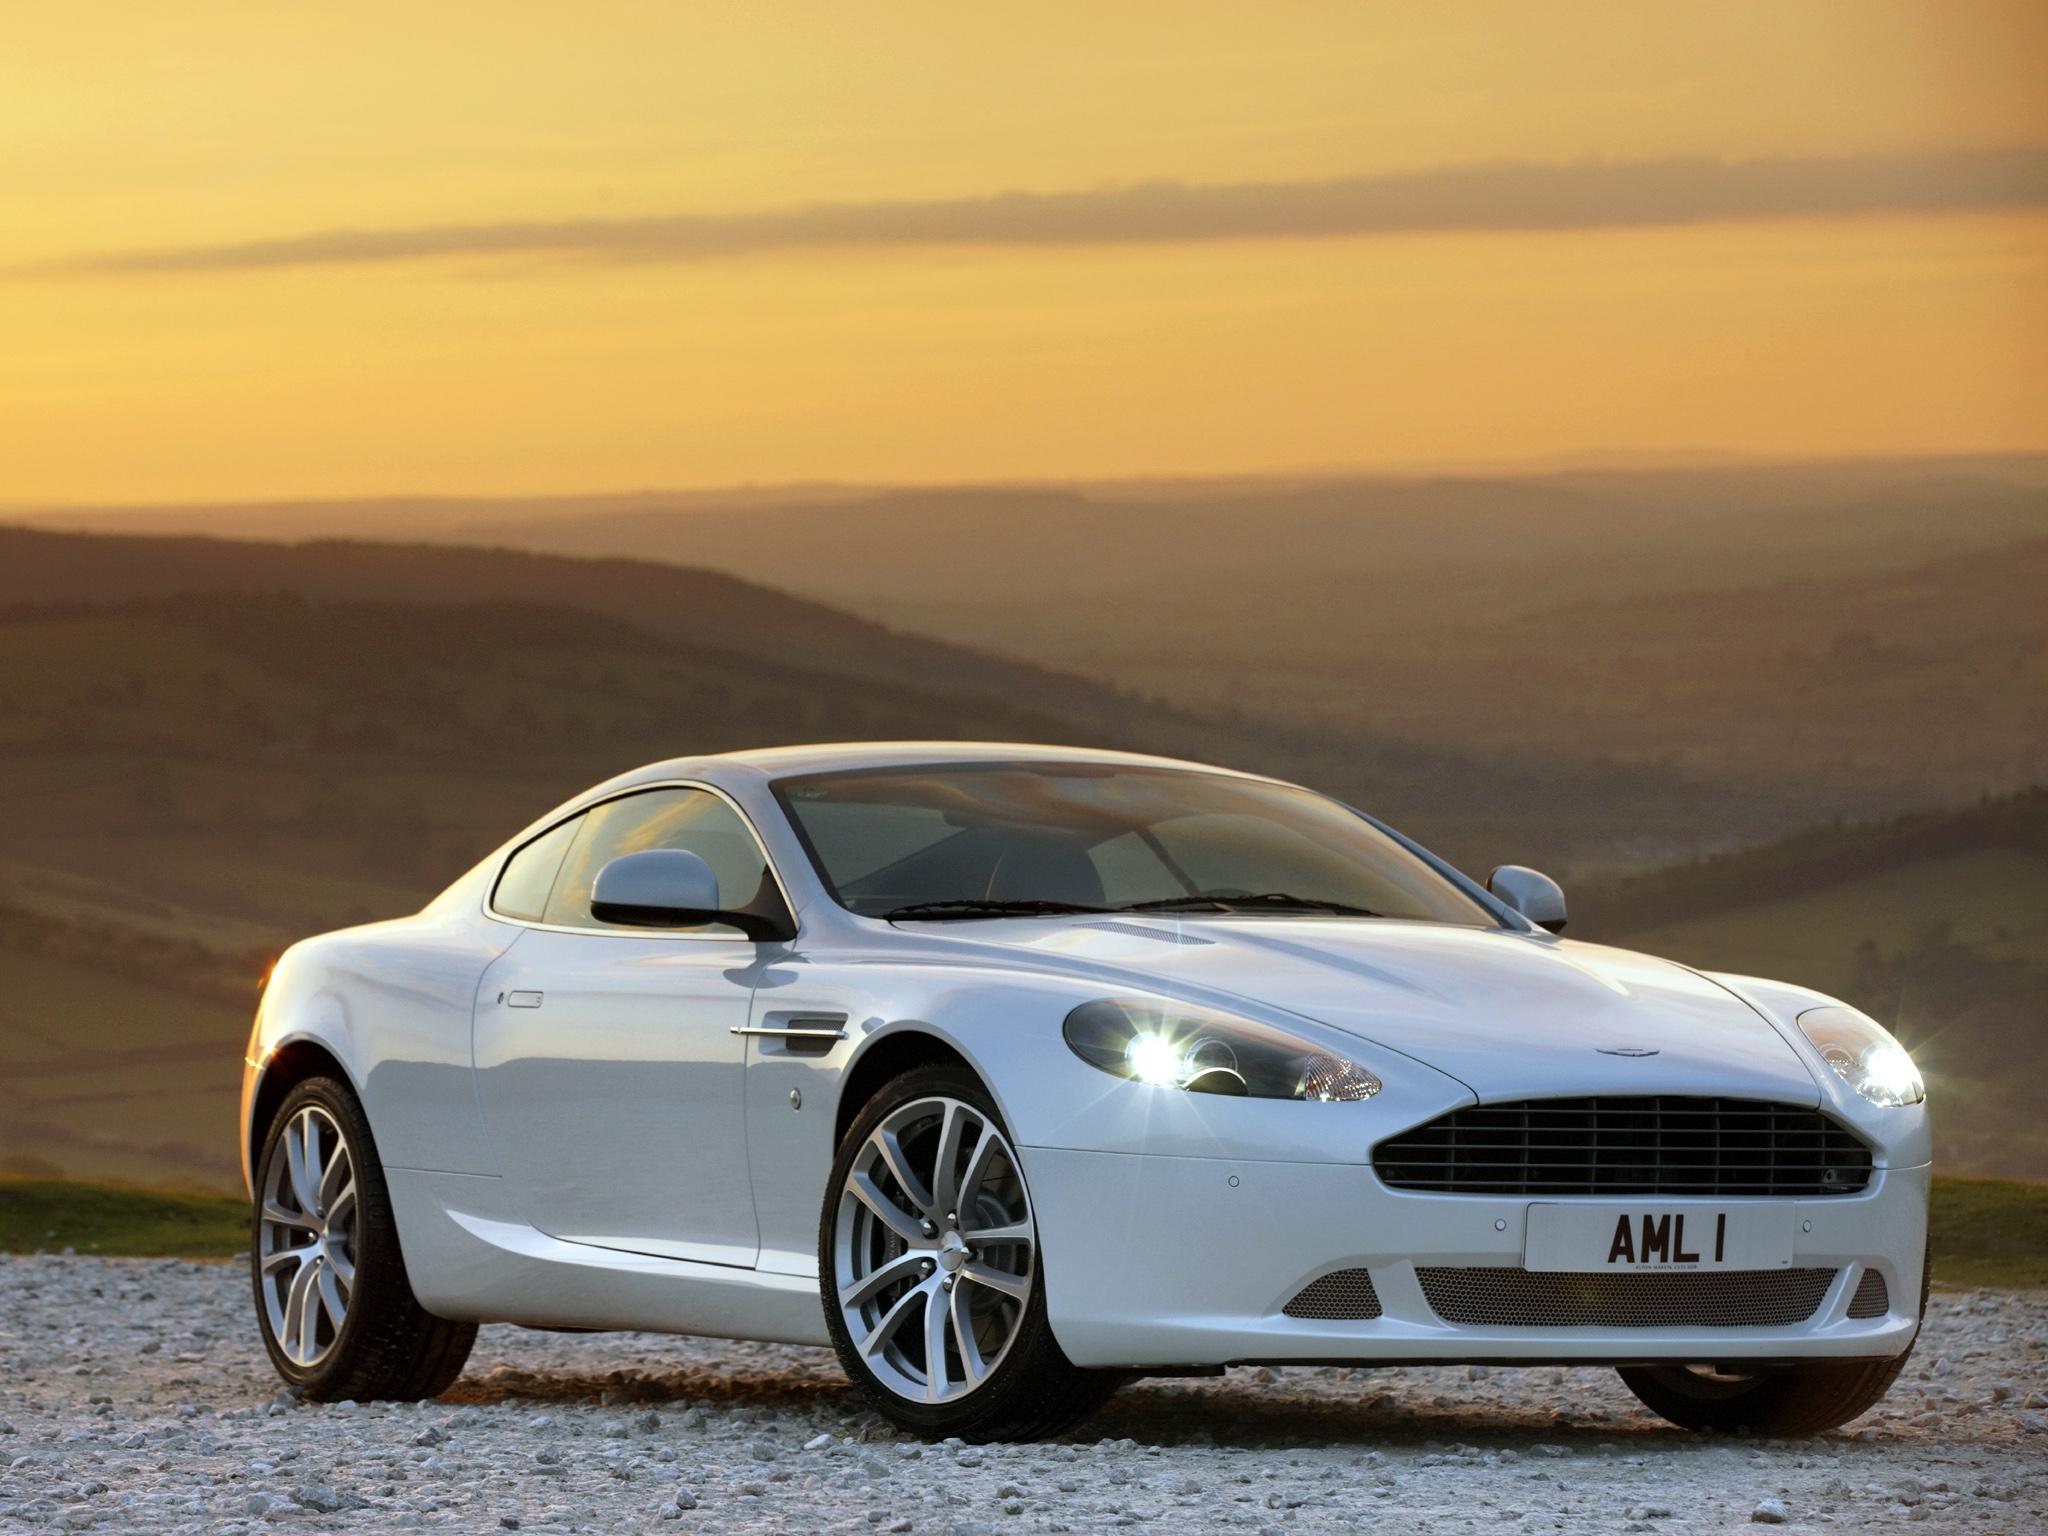 122833 скачать обои Спорт, Машины, Природа, Закат, Астон Мартин (Aston Martin), Тачки (Cars), Белый, Вид Сбоку, Стиль, Db9, 2010 - заставки и картинки бесплатно